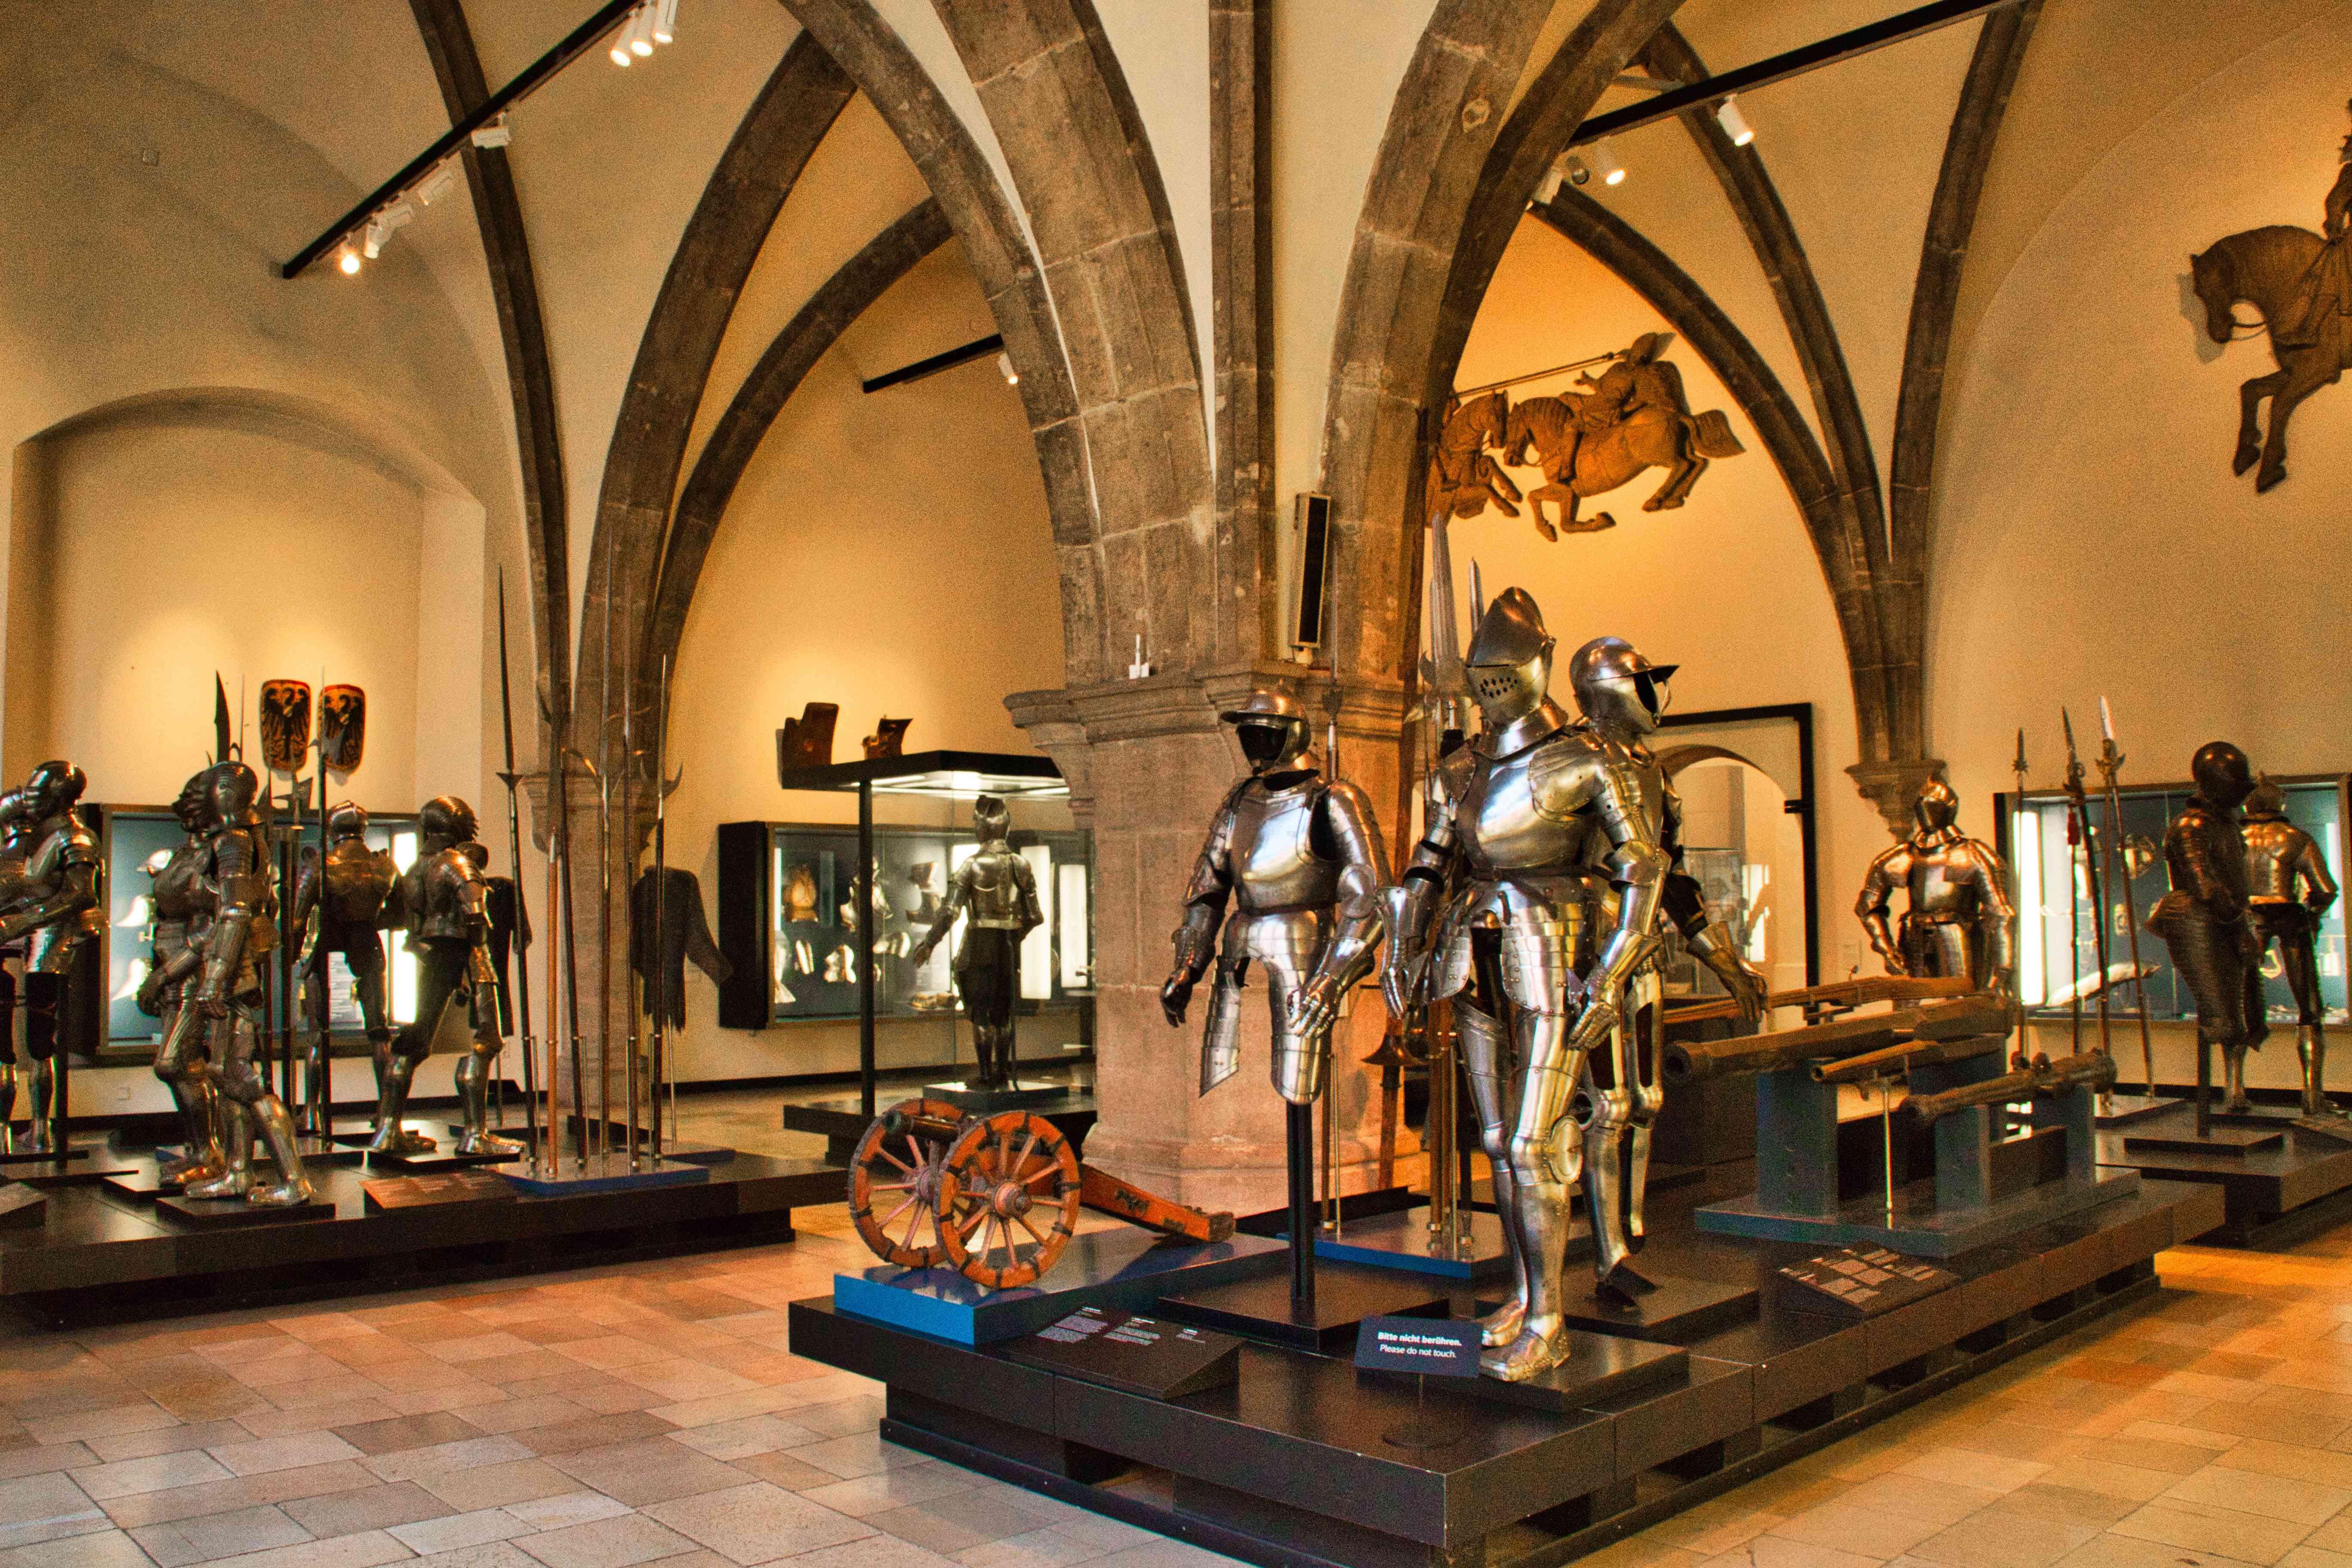 Inside the Bavarian Museum